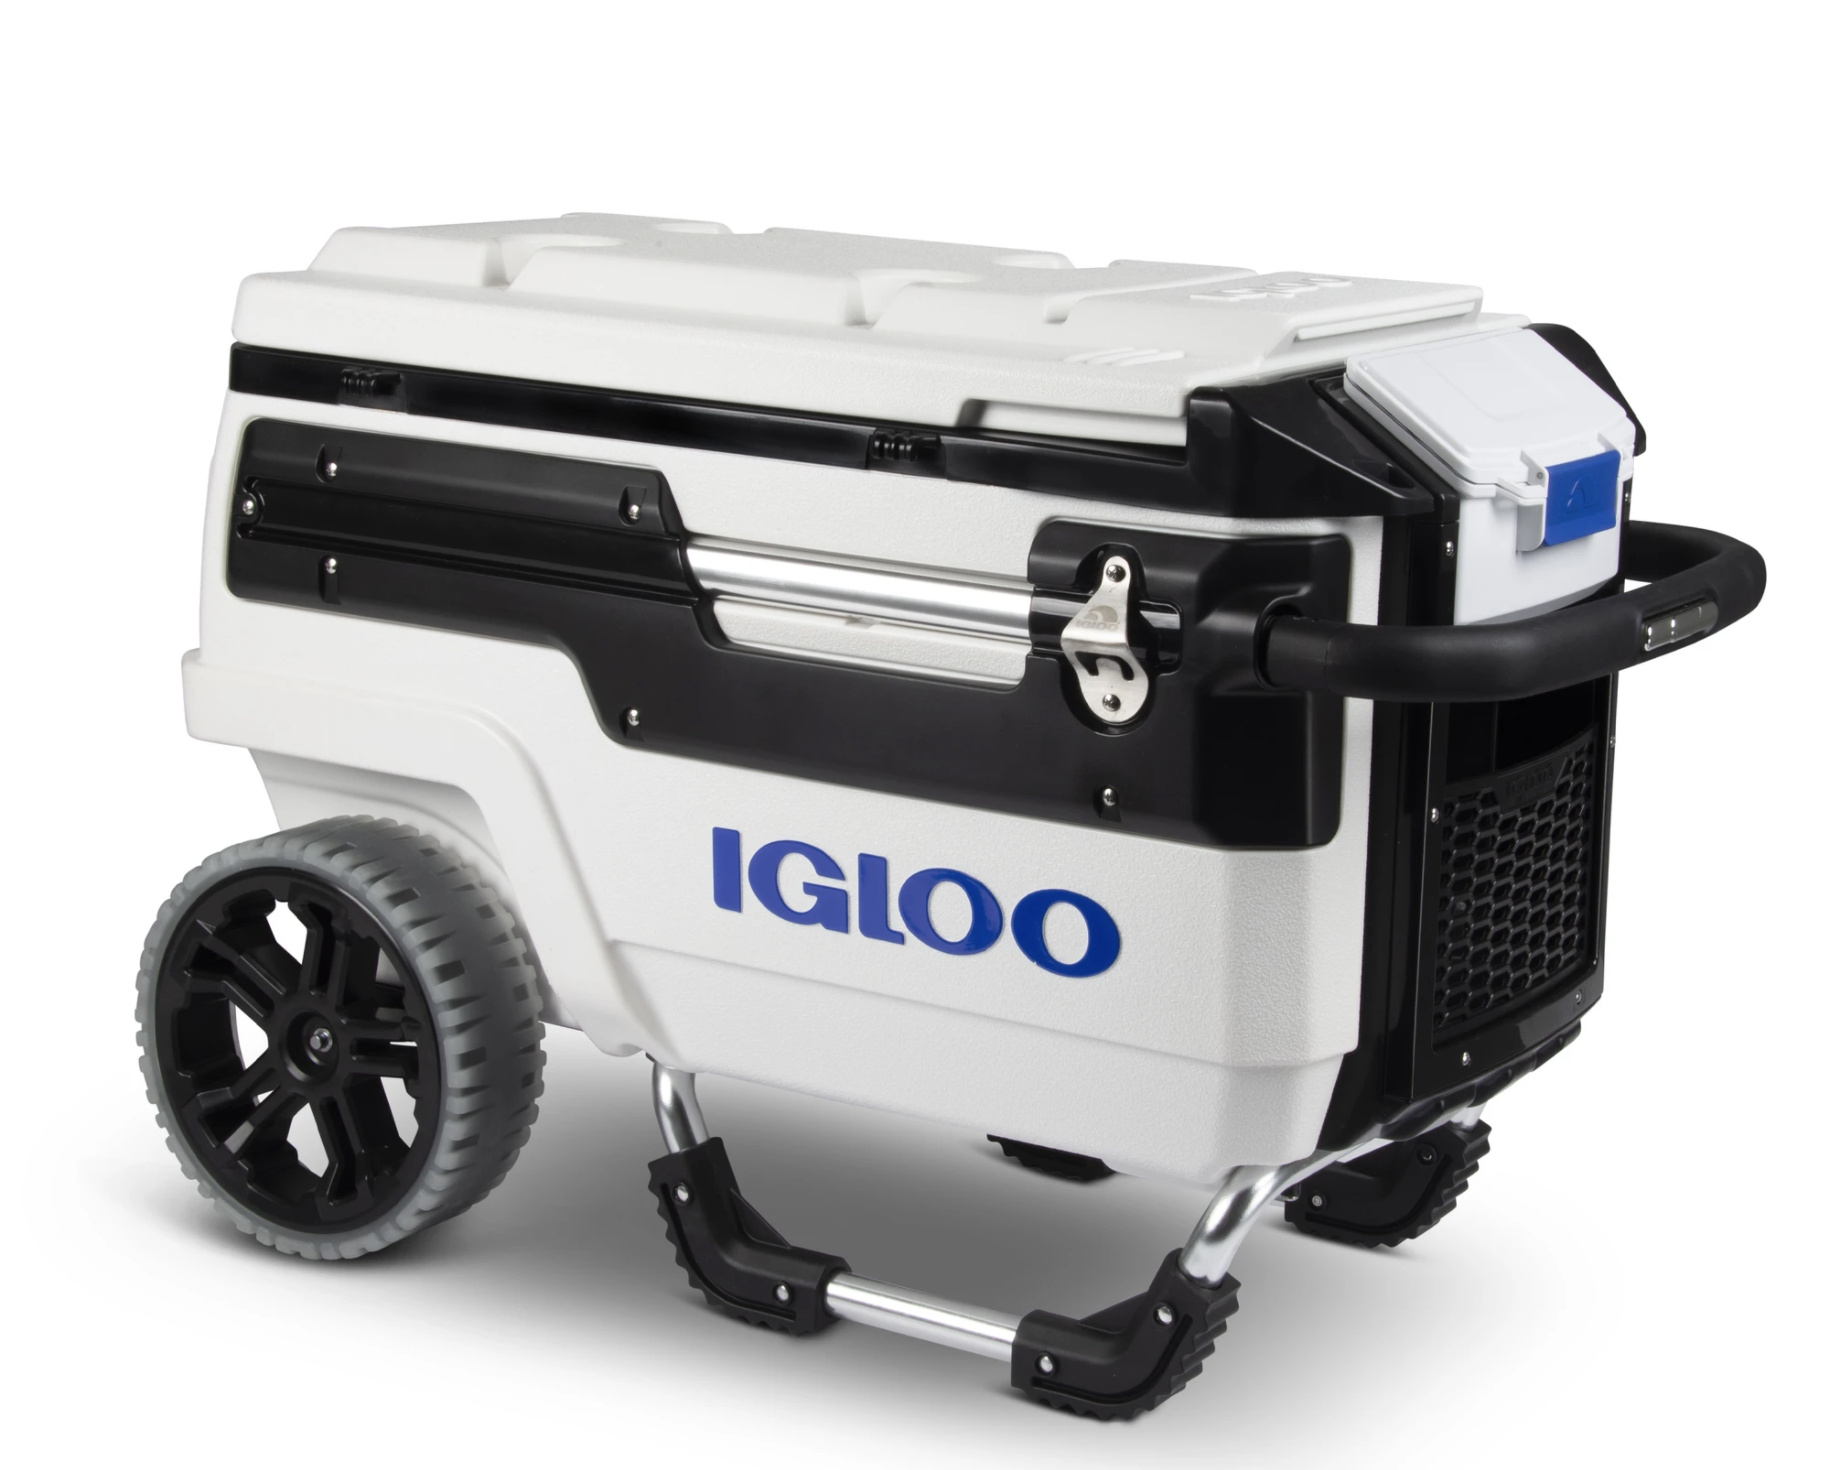 Igloo-Trailmate-Marine-Cooler